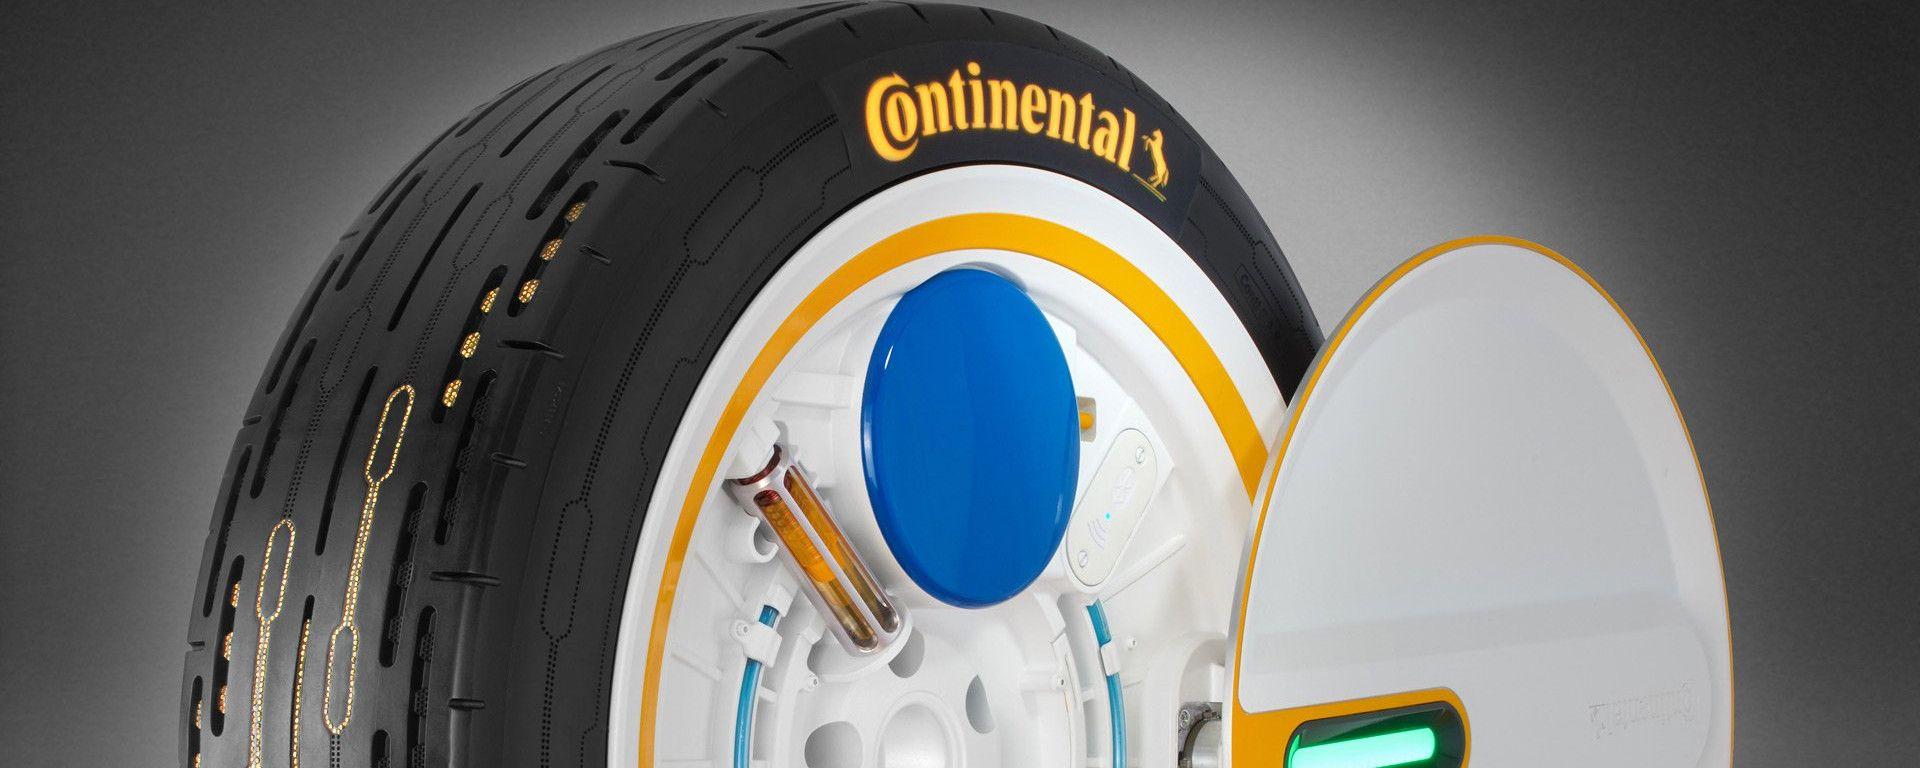 Continental: il prototipo di gomma che si gonfia da sola